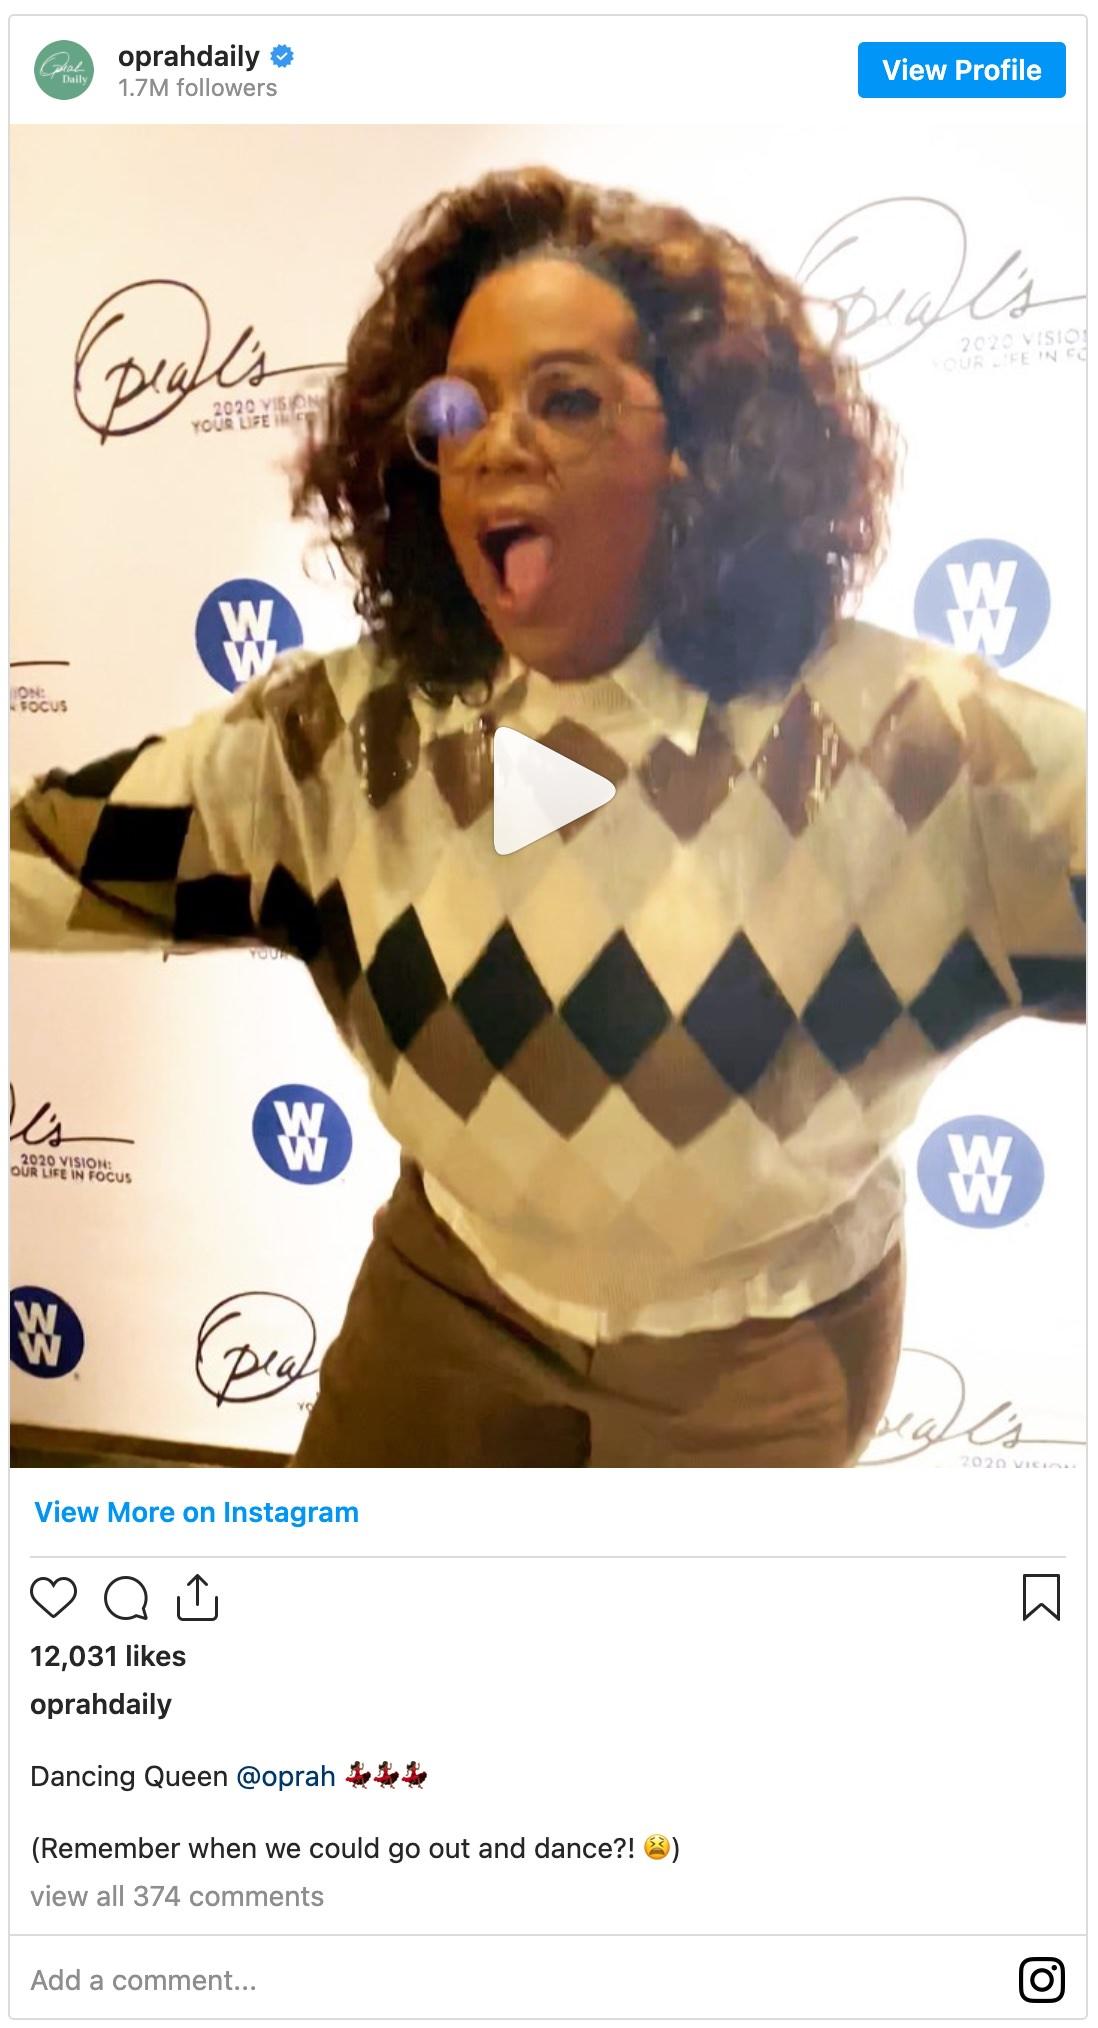 Video of Oprah dancing